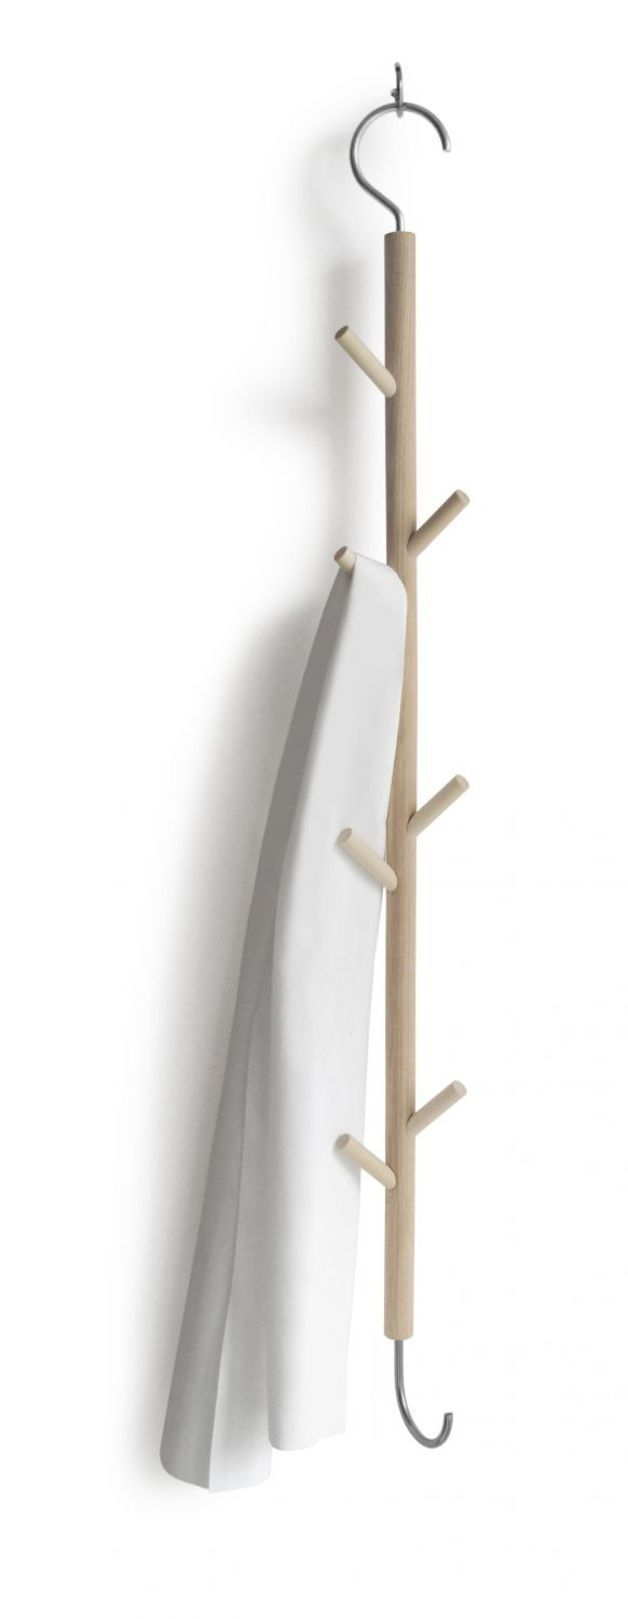 Aus einem Haken wird achtmal hängen. Der Hängehaken braucht wenig Platz, ist schmal und schnell bereit. Ideal im Flur, im Bad, in der Küche oder als ergänzende Garderobe für Kinder. Maße